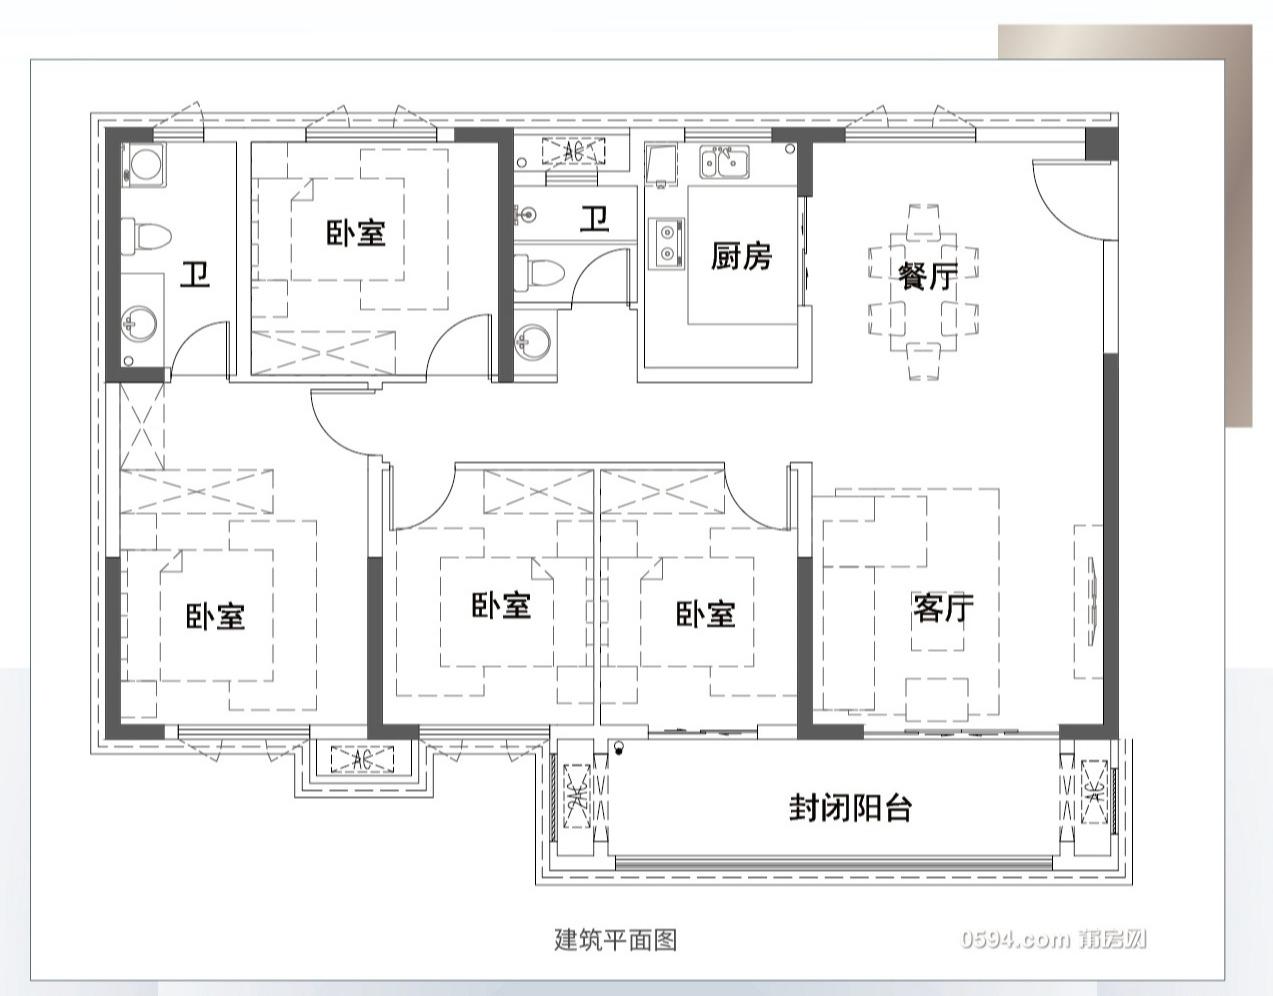 151.84㎡4房2厅2卫